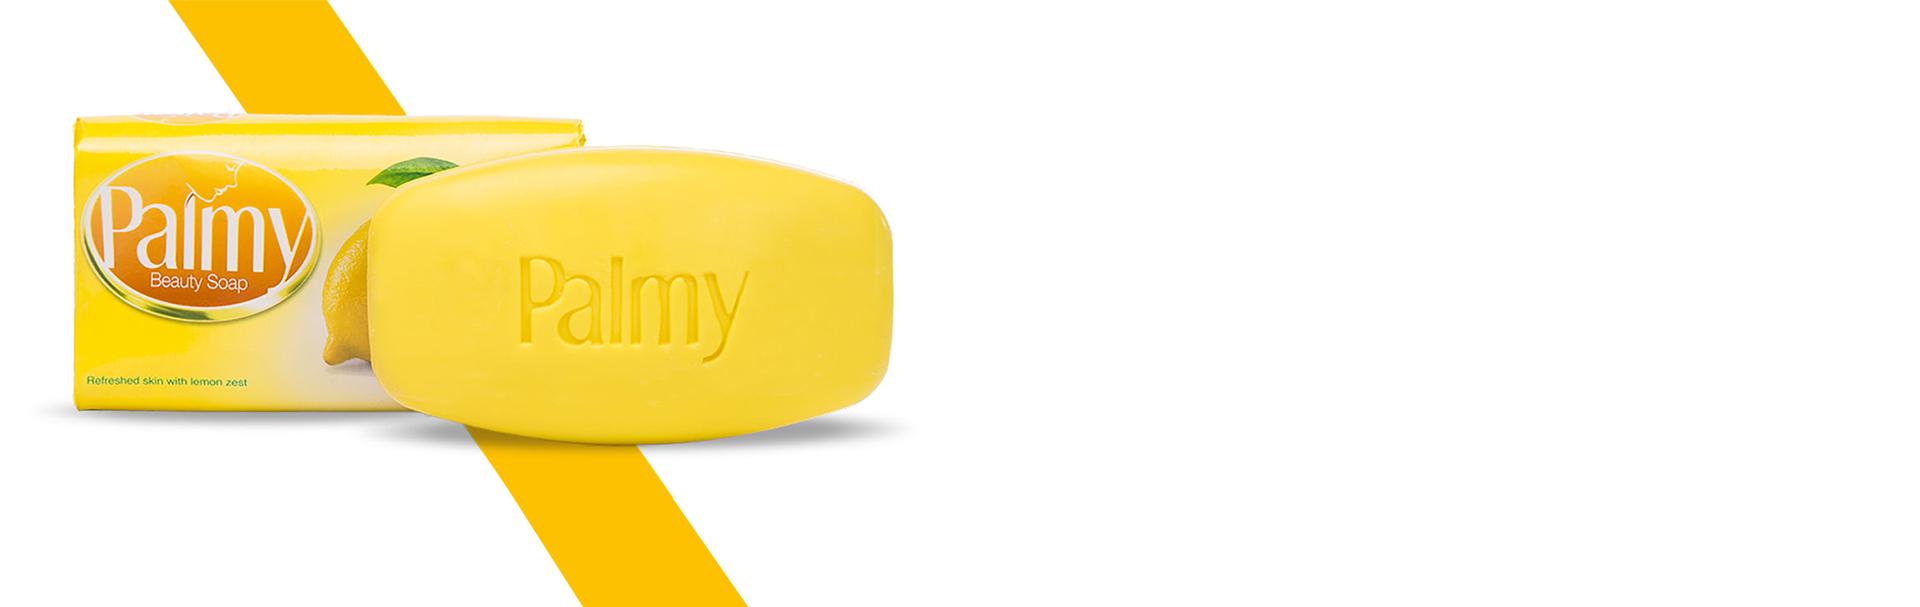 Palmy Beauty Soap Lemon Fragrance